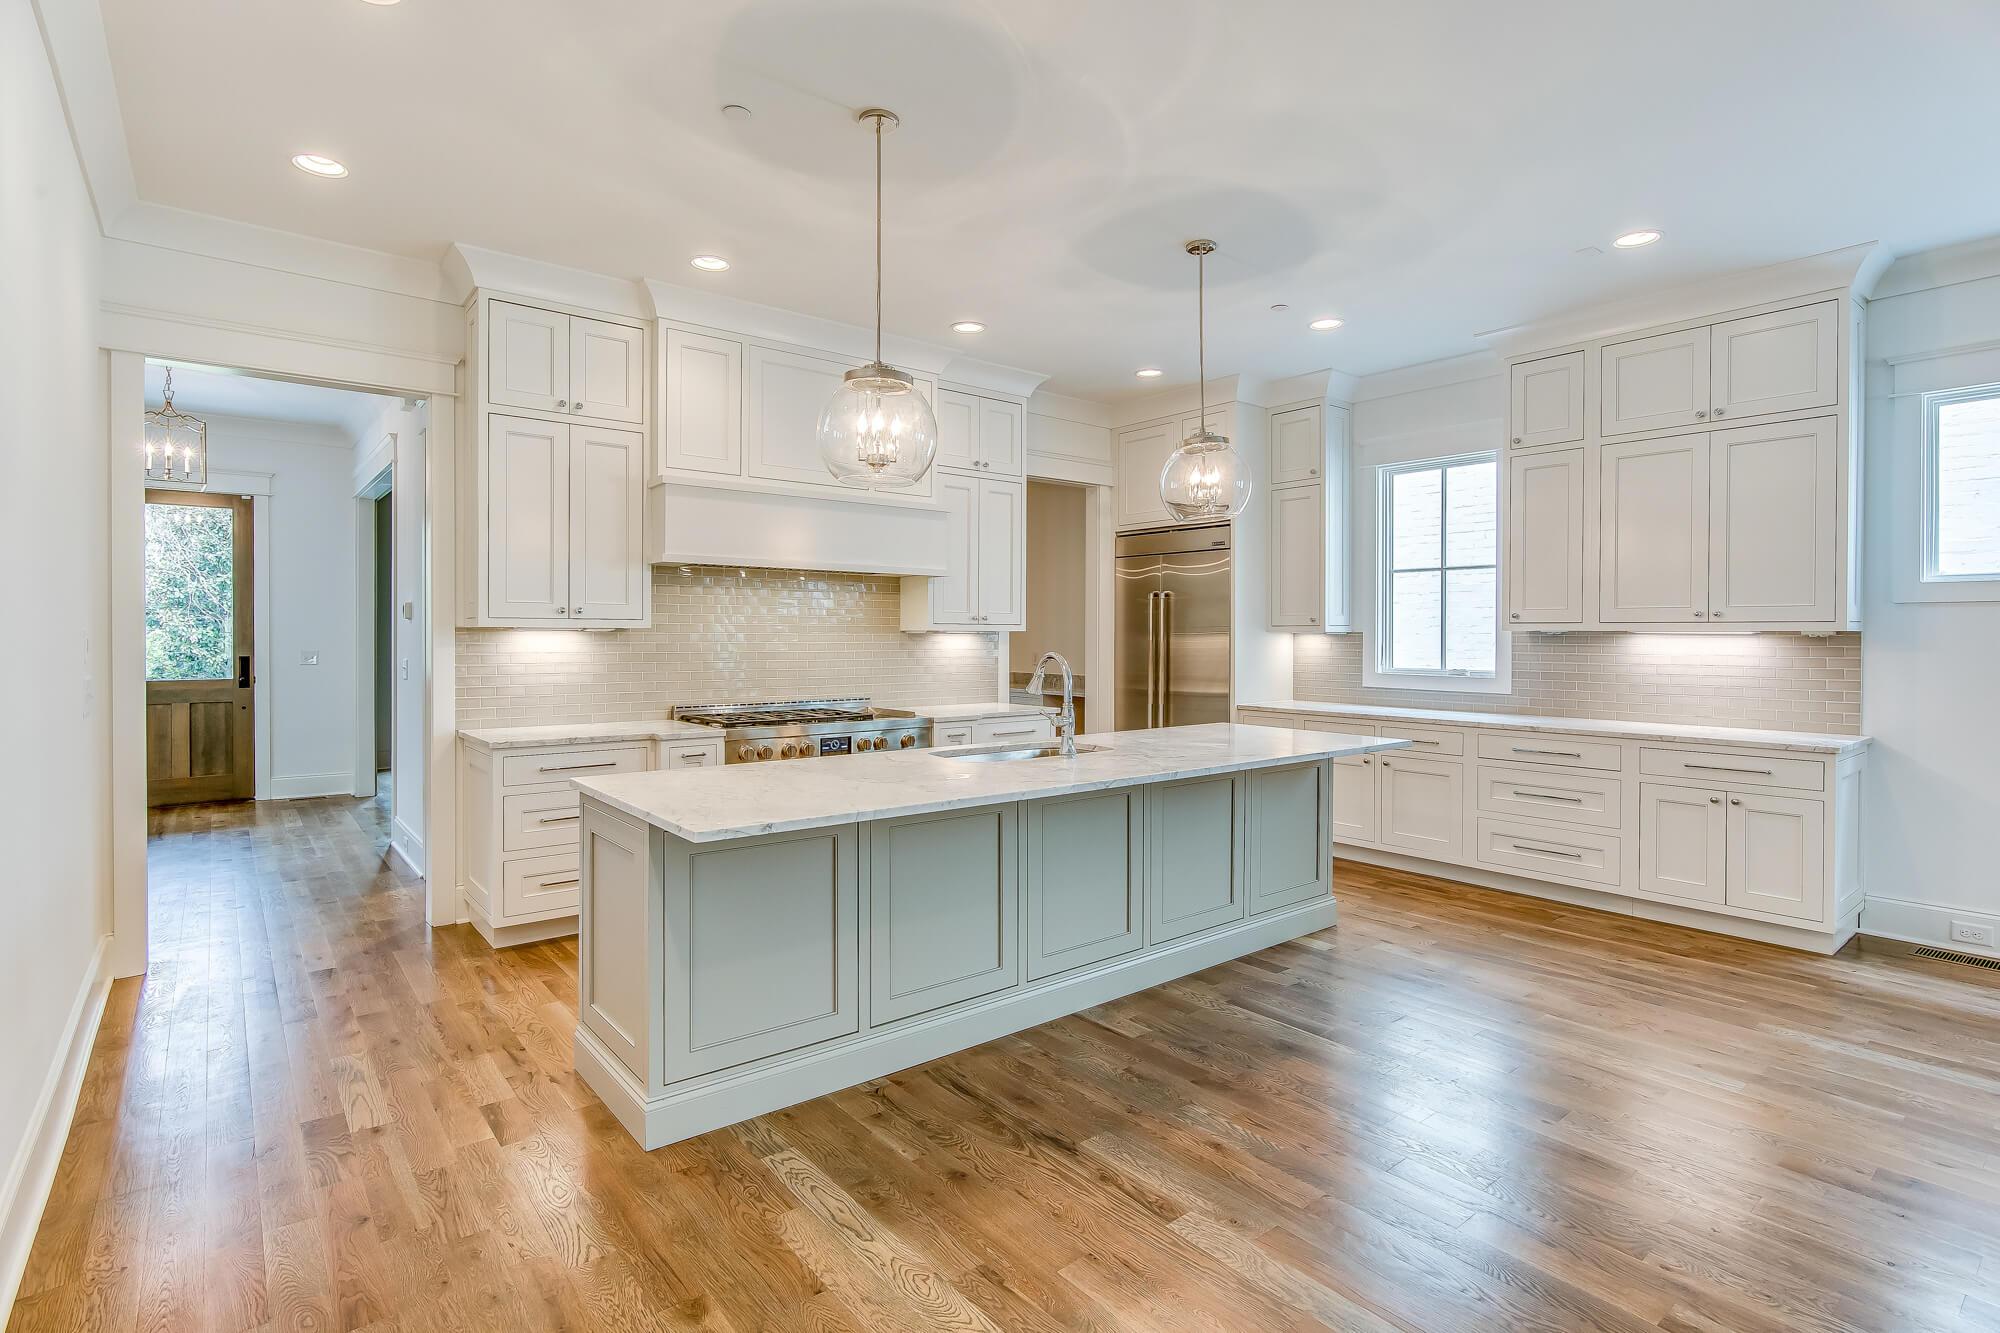 chandelier-development-nashville-tennessee-home-builder--41.jpg